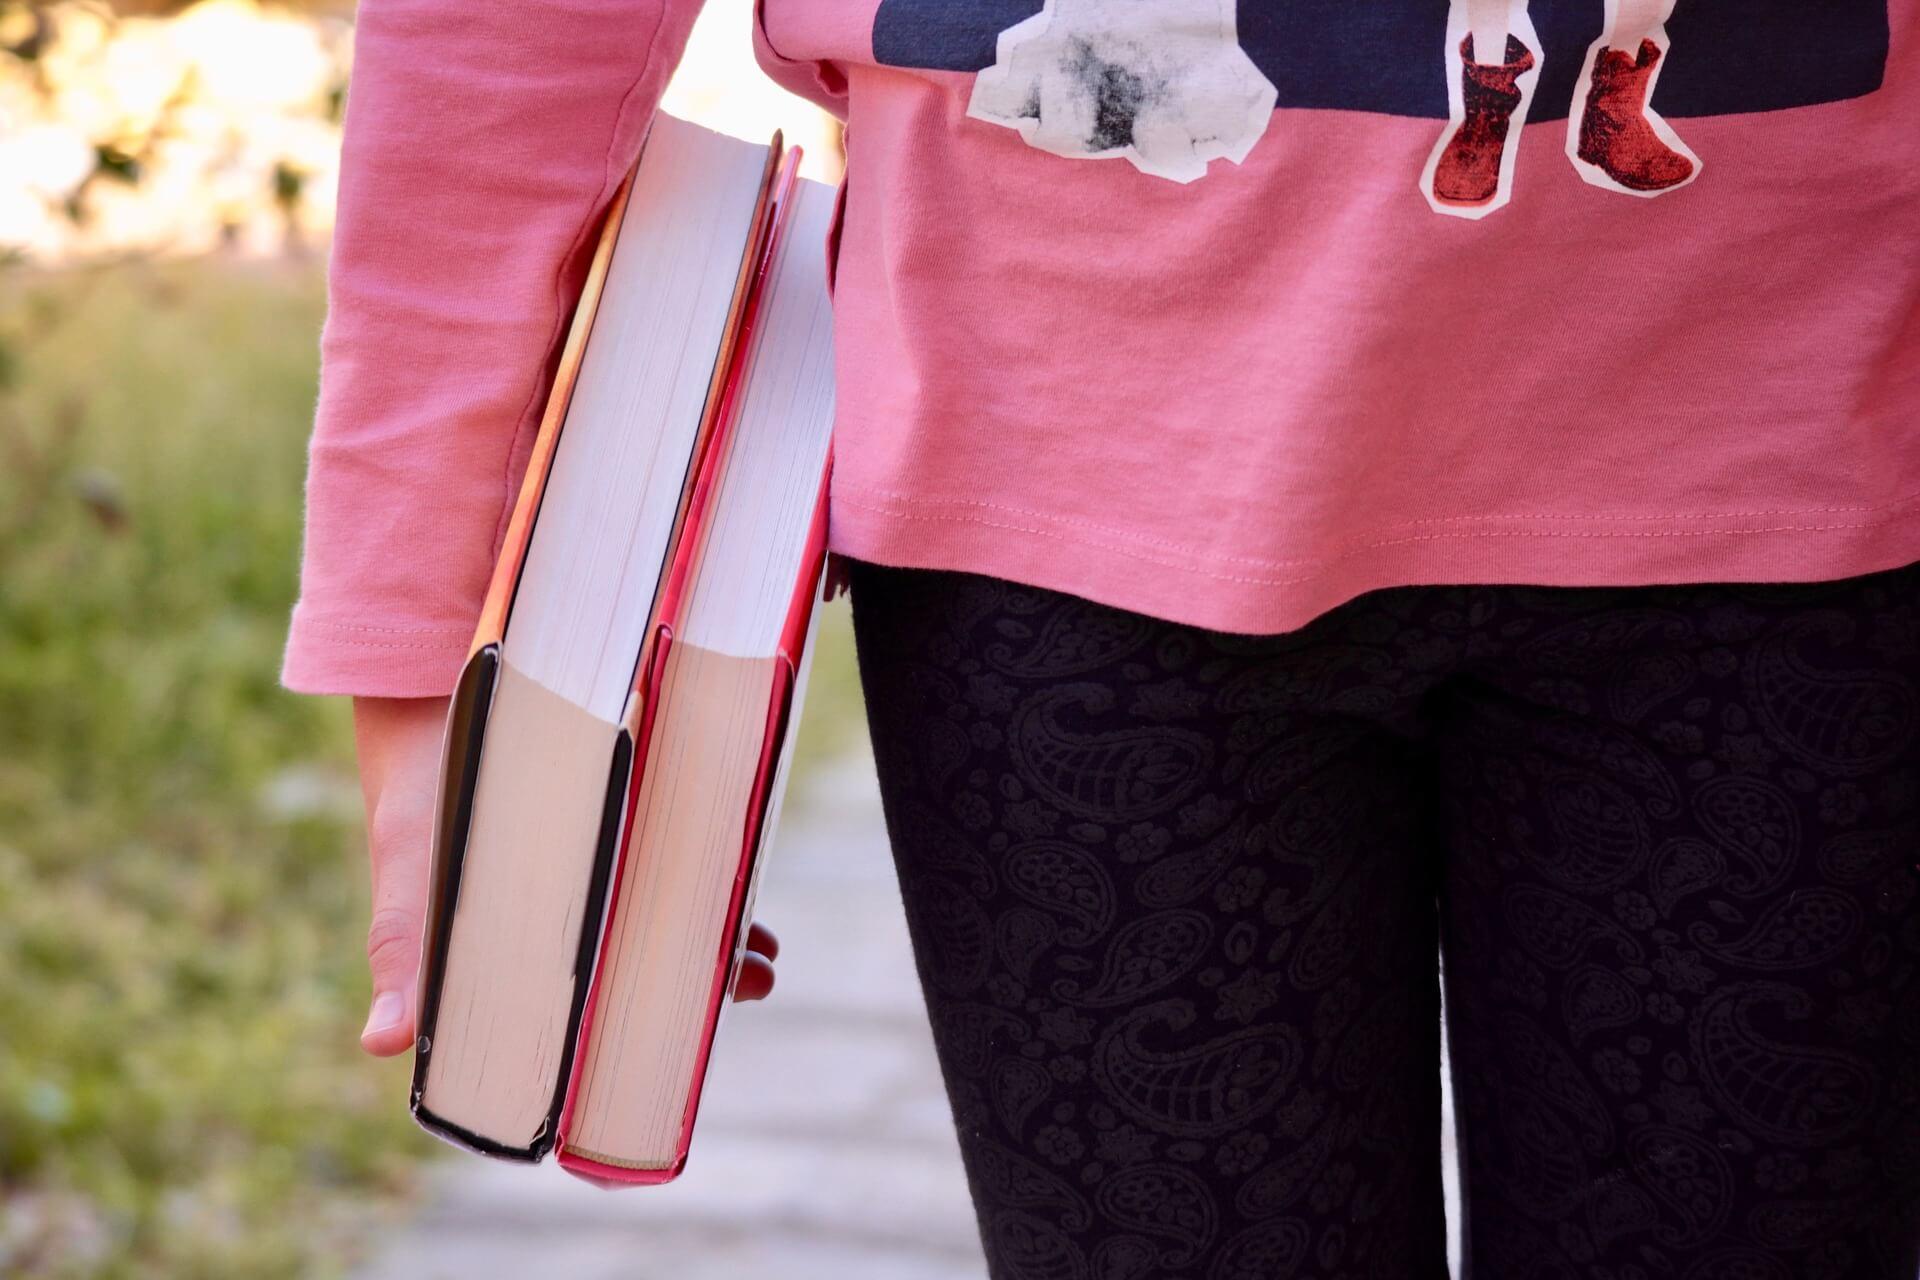 Del 23 al 27 de abril será la recepción de documentos del Concurso General de Becas para universitarios